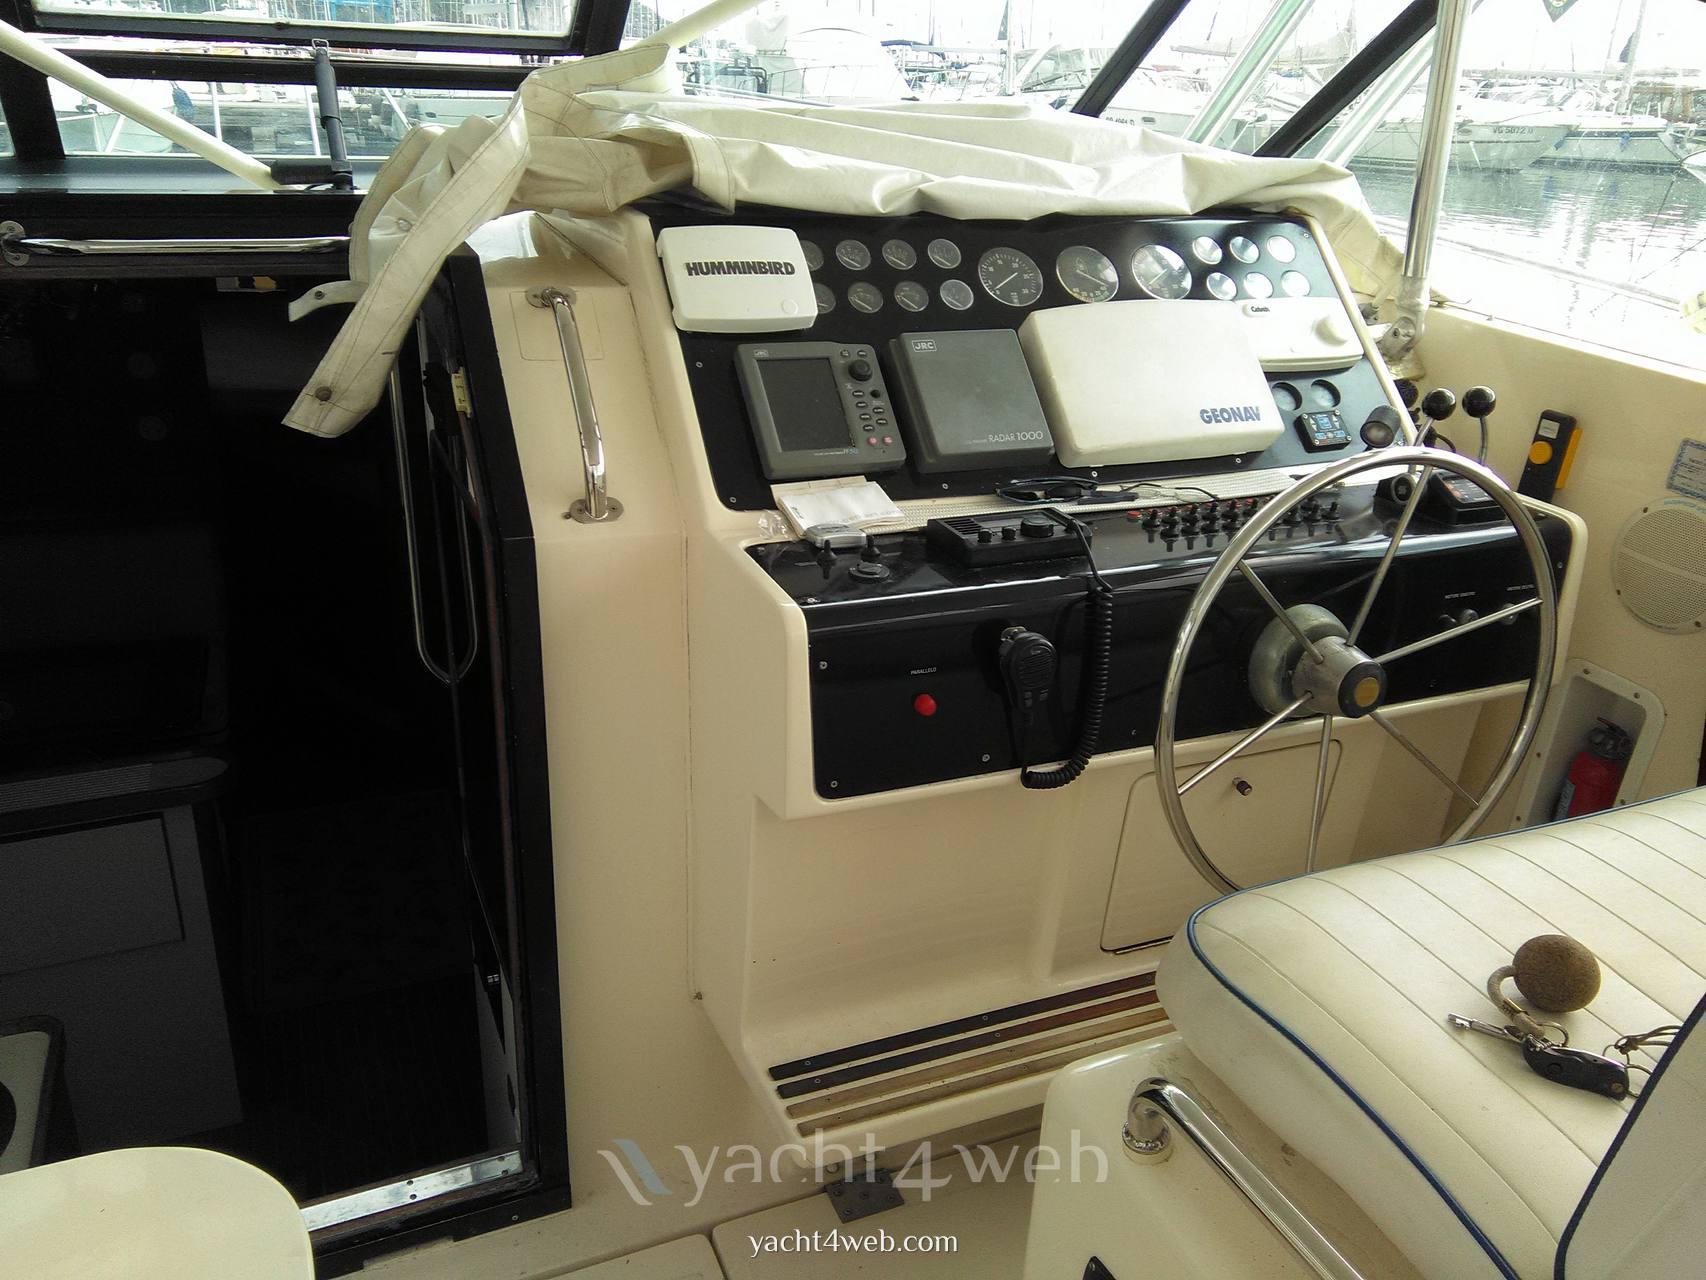 Tiara 36 express motor boat